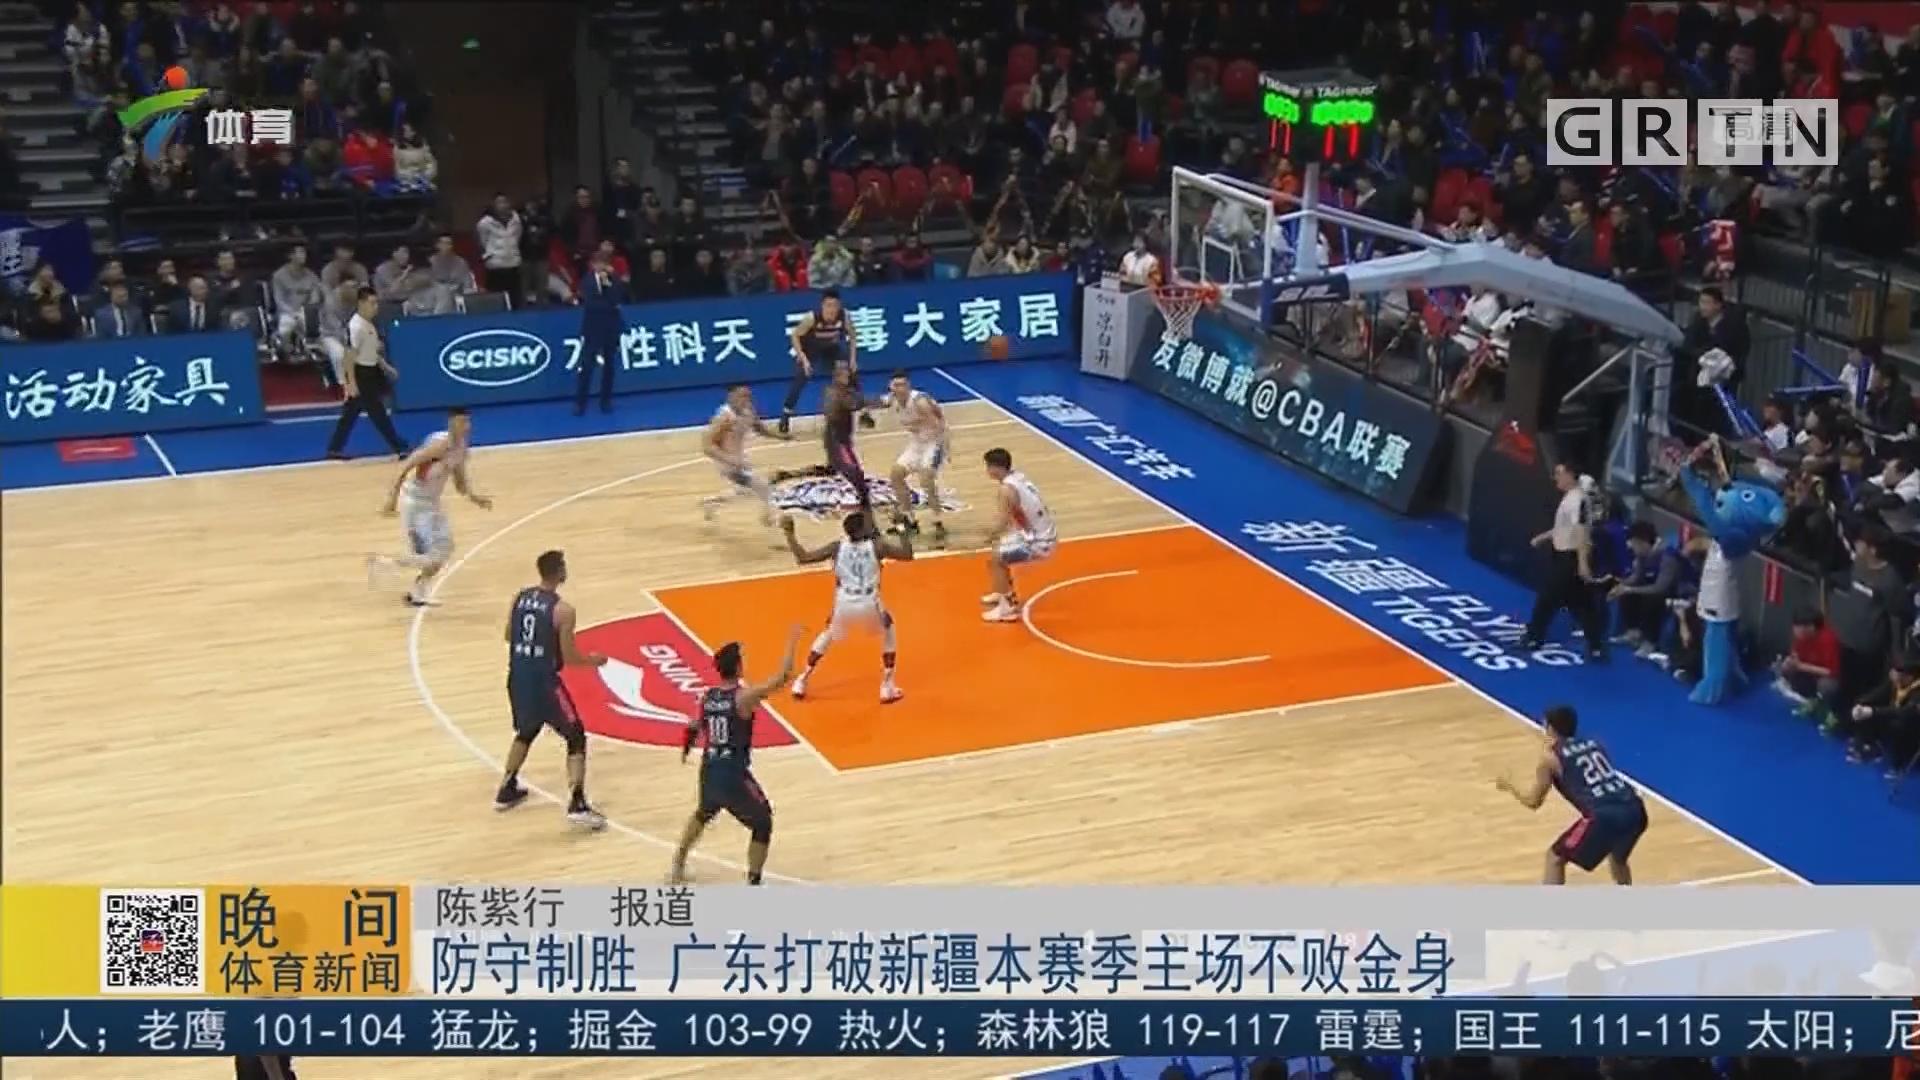 防守制胜 广东打破新疆本赛季主场不败金身